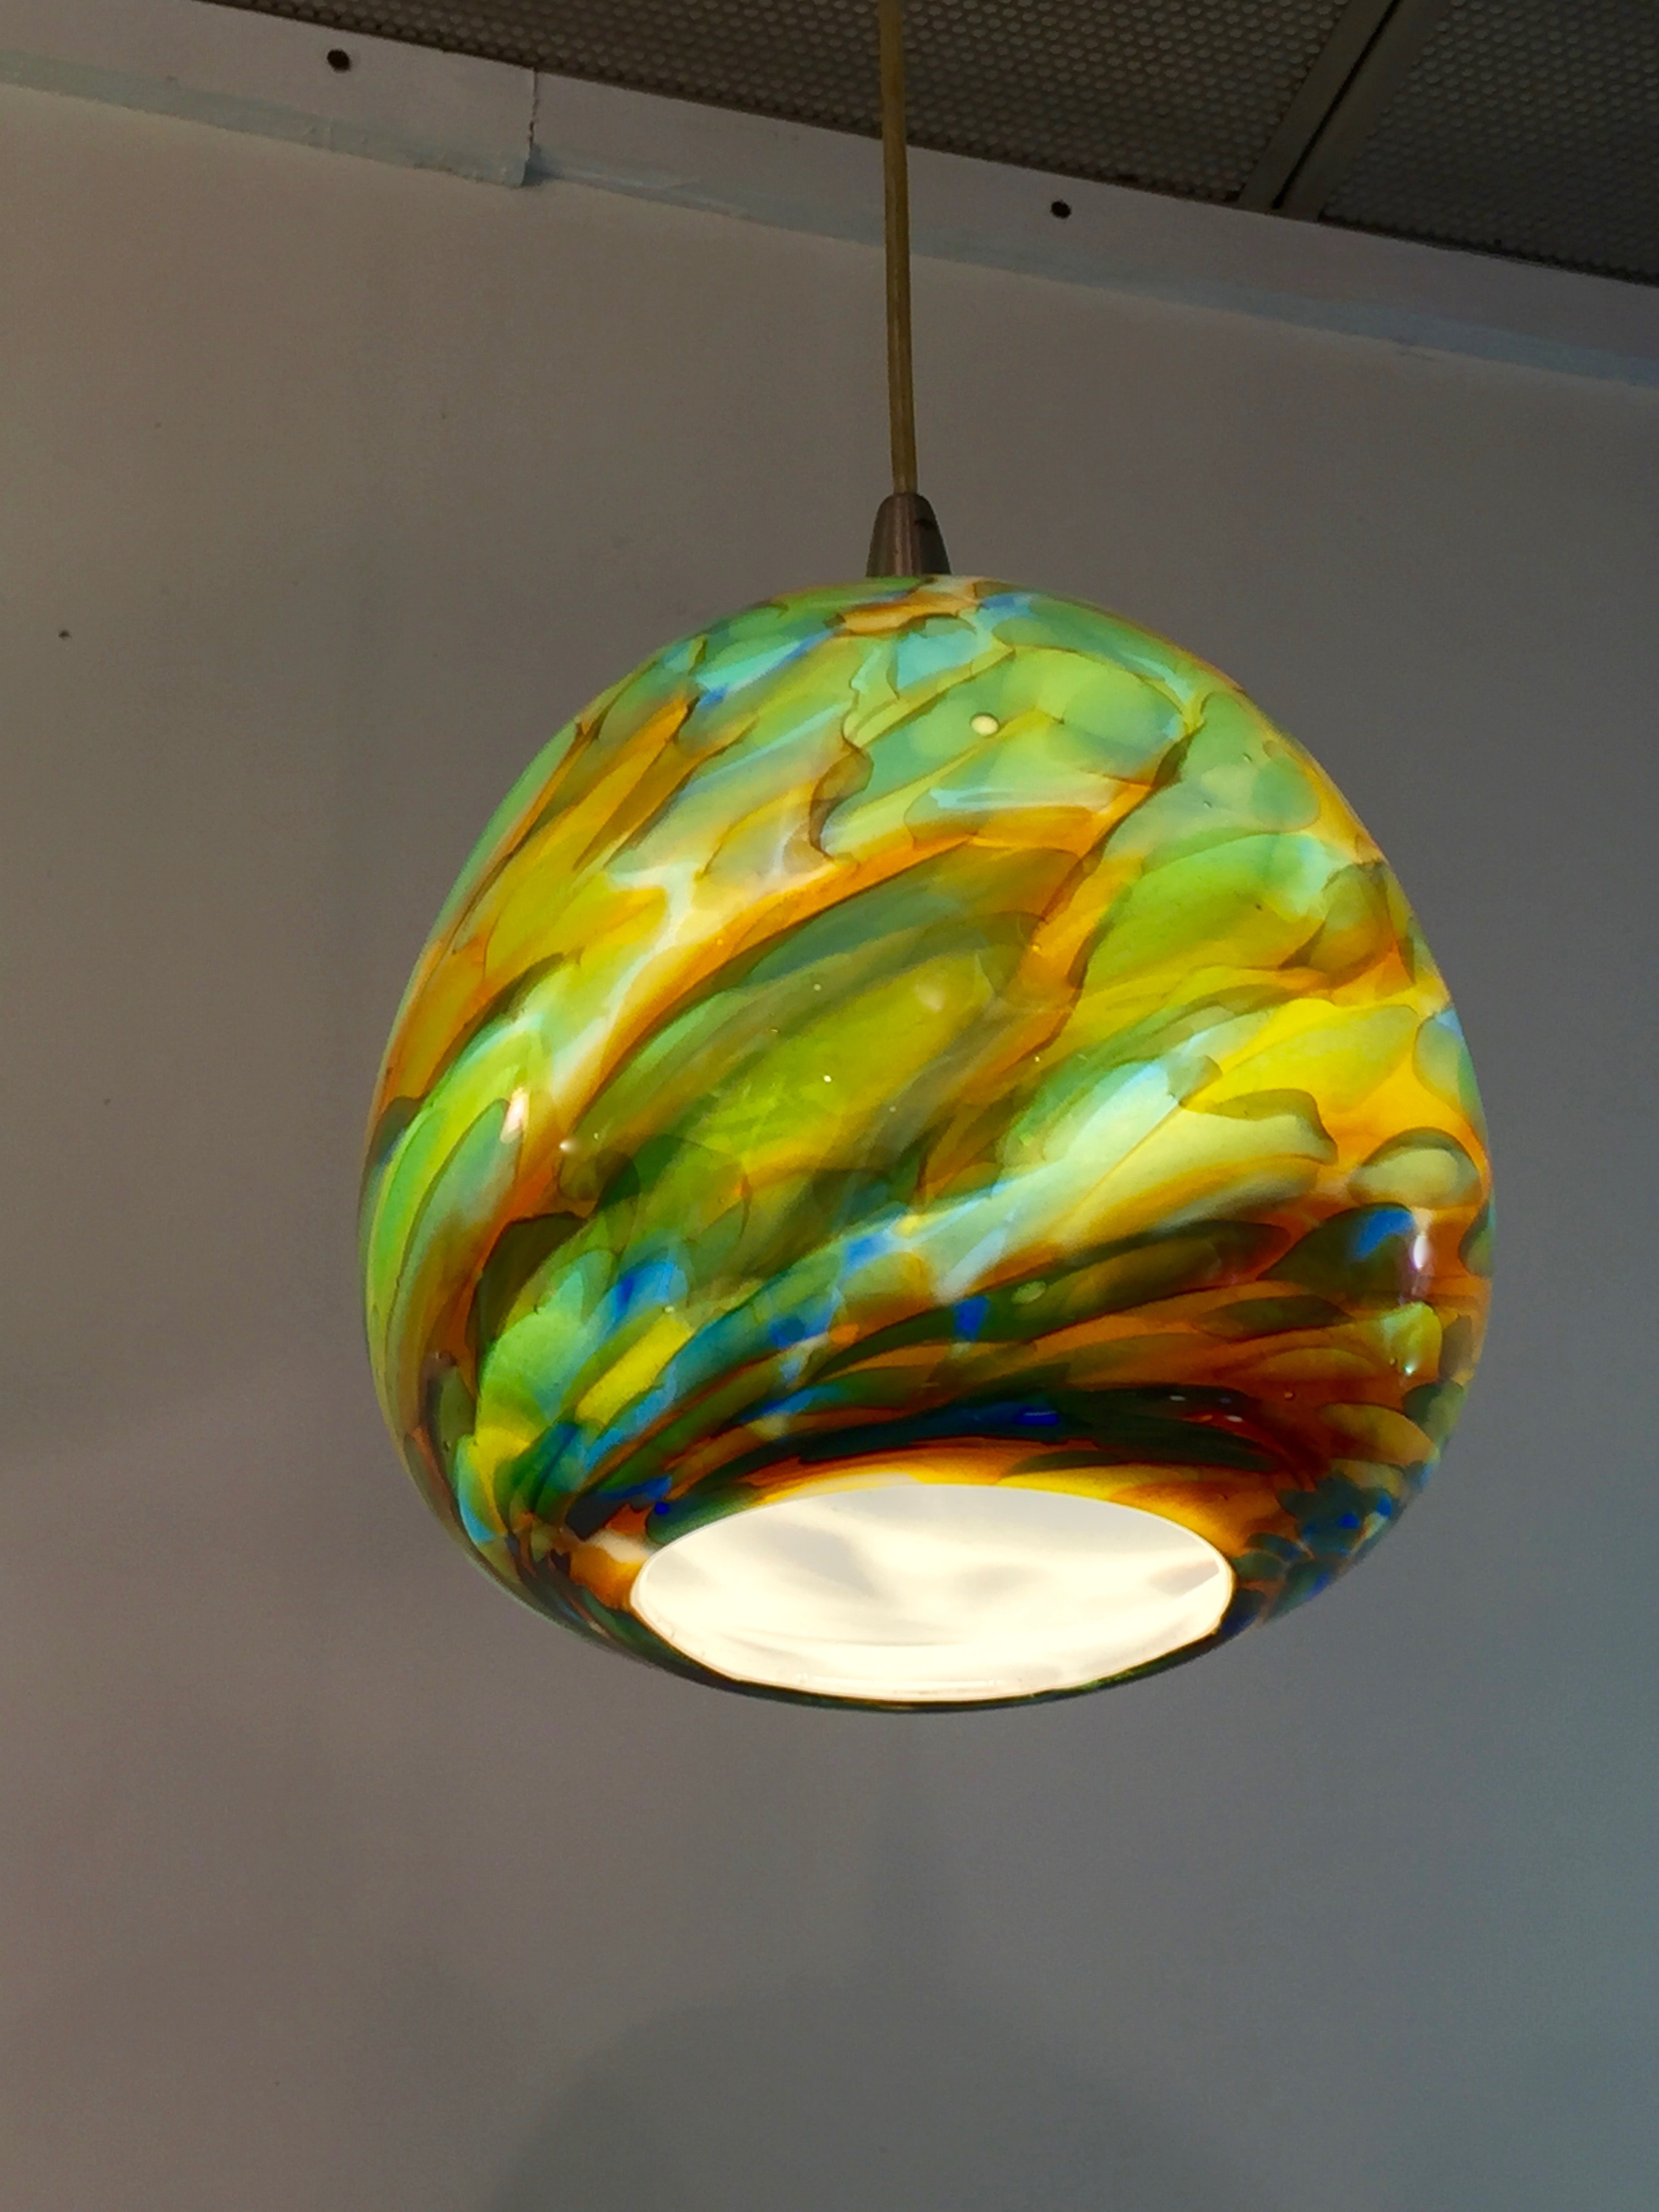 Sfumato , strini art glass technique, pendant. 2016